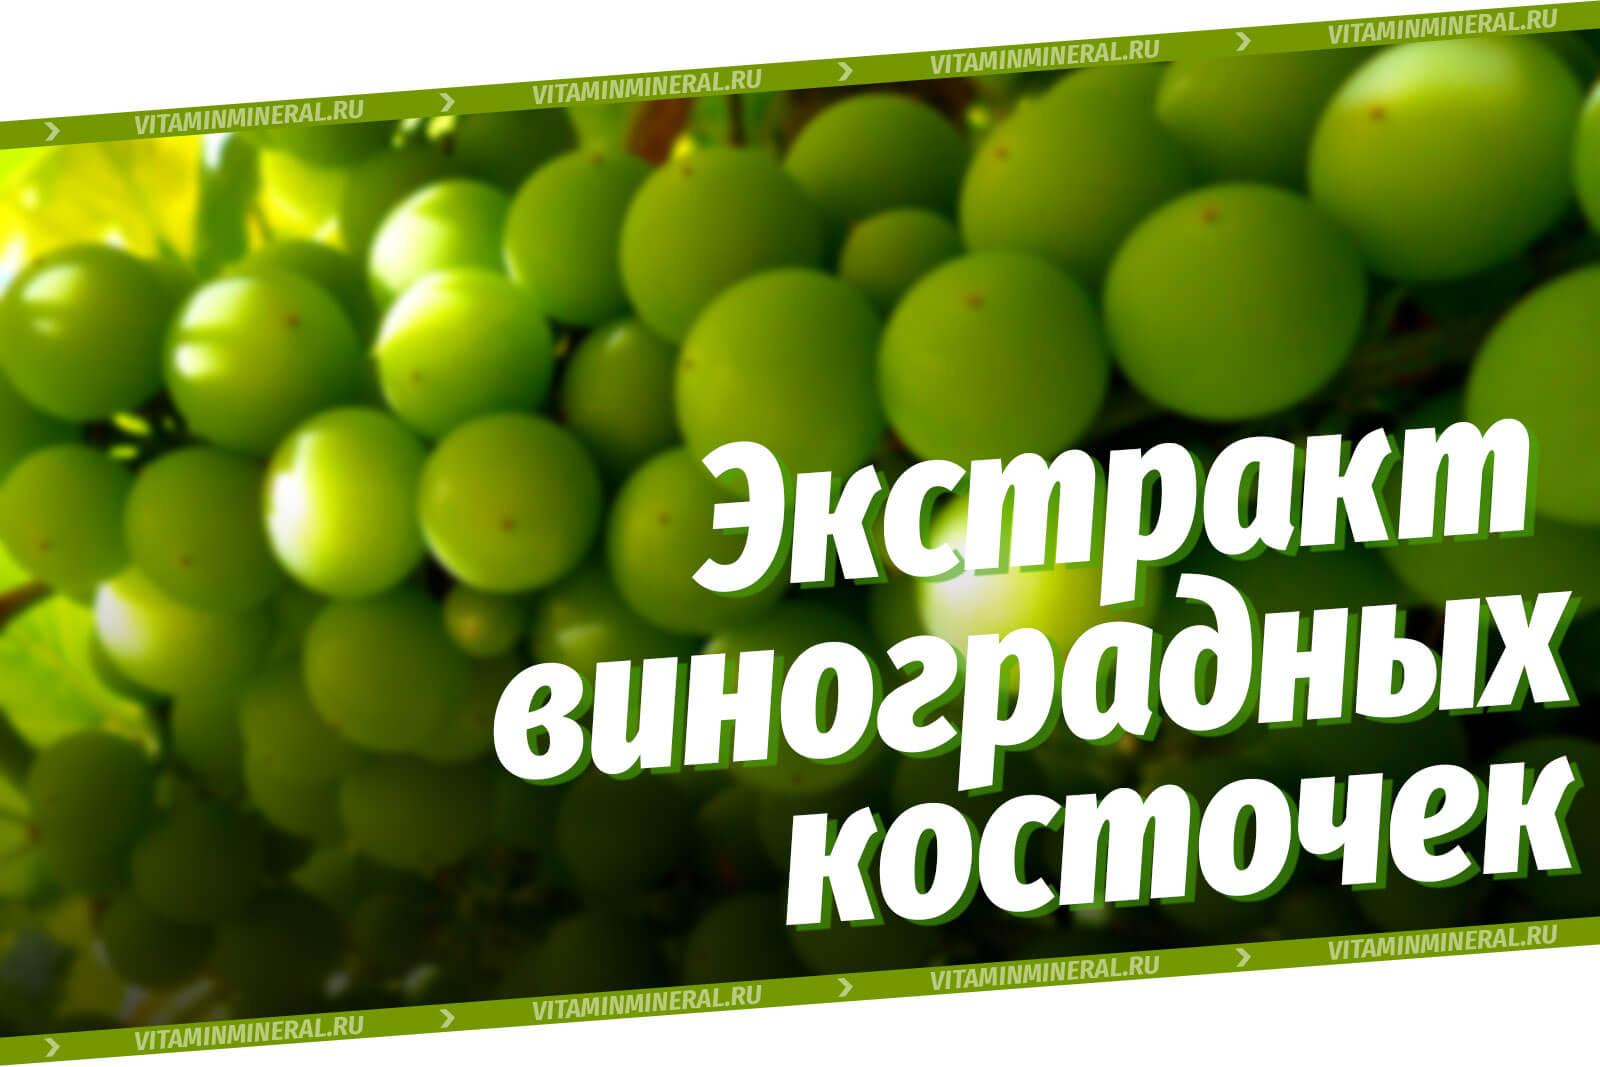 Добавки с экстрактом виноградных косточек